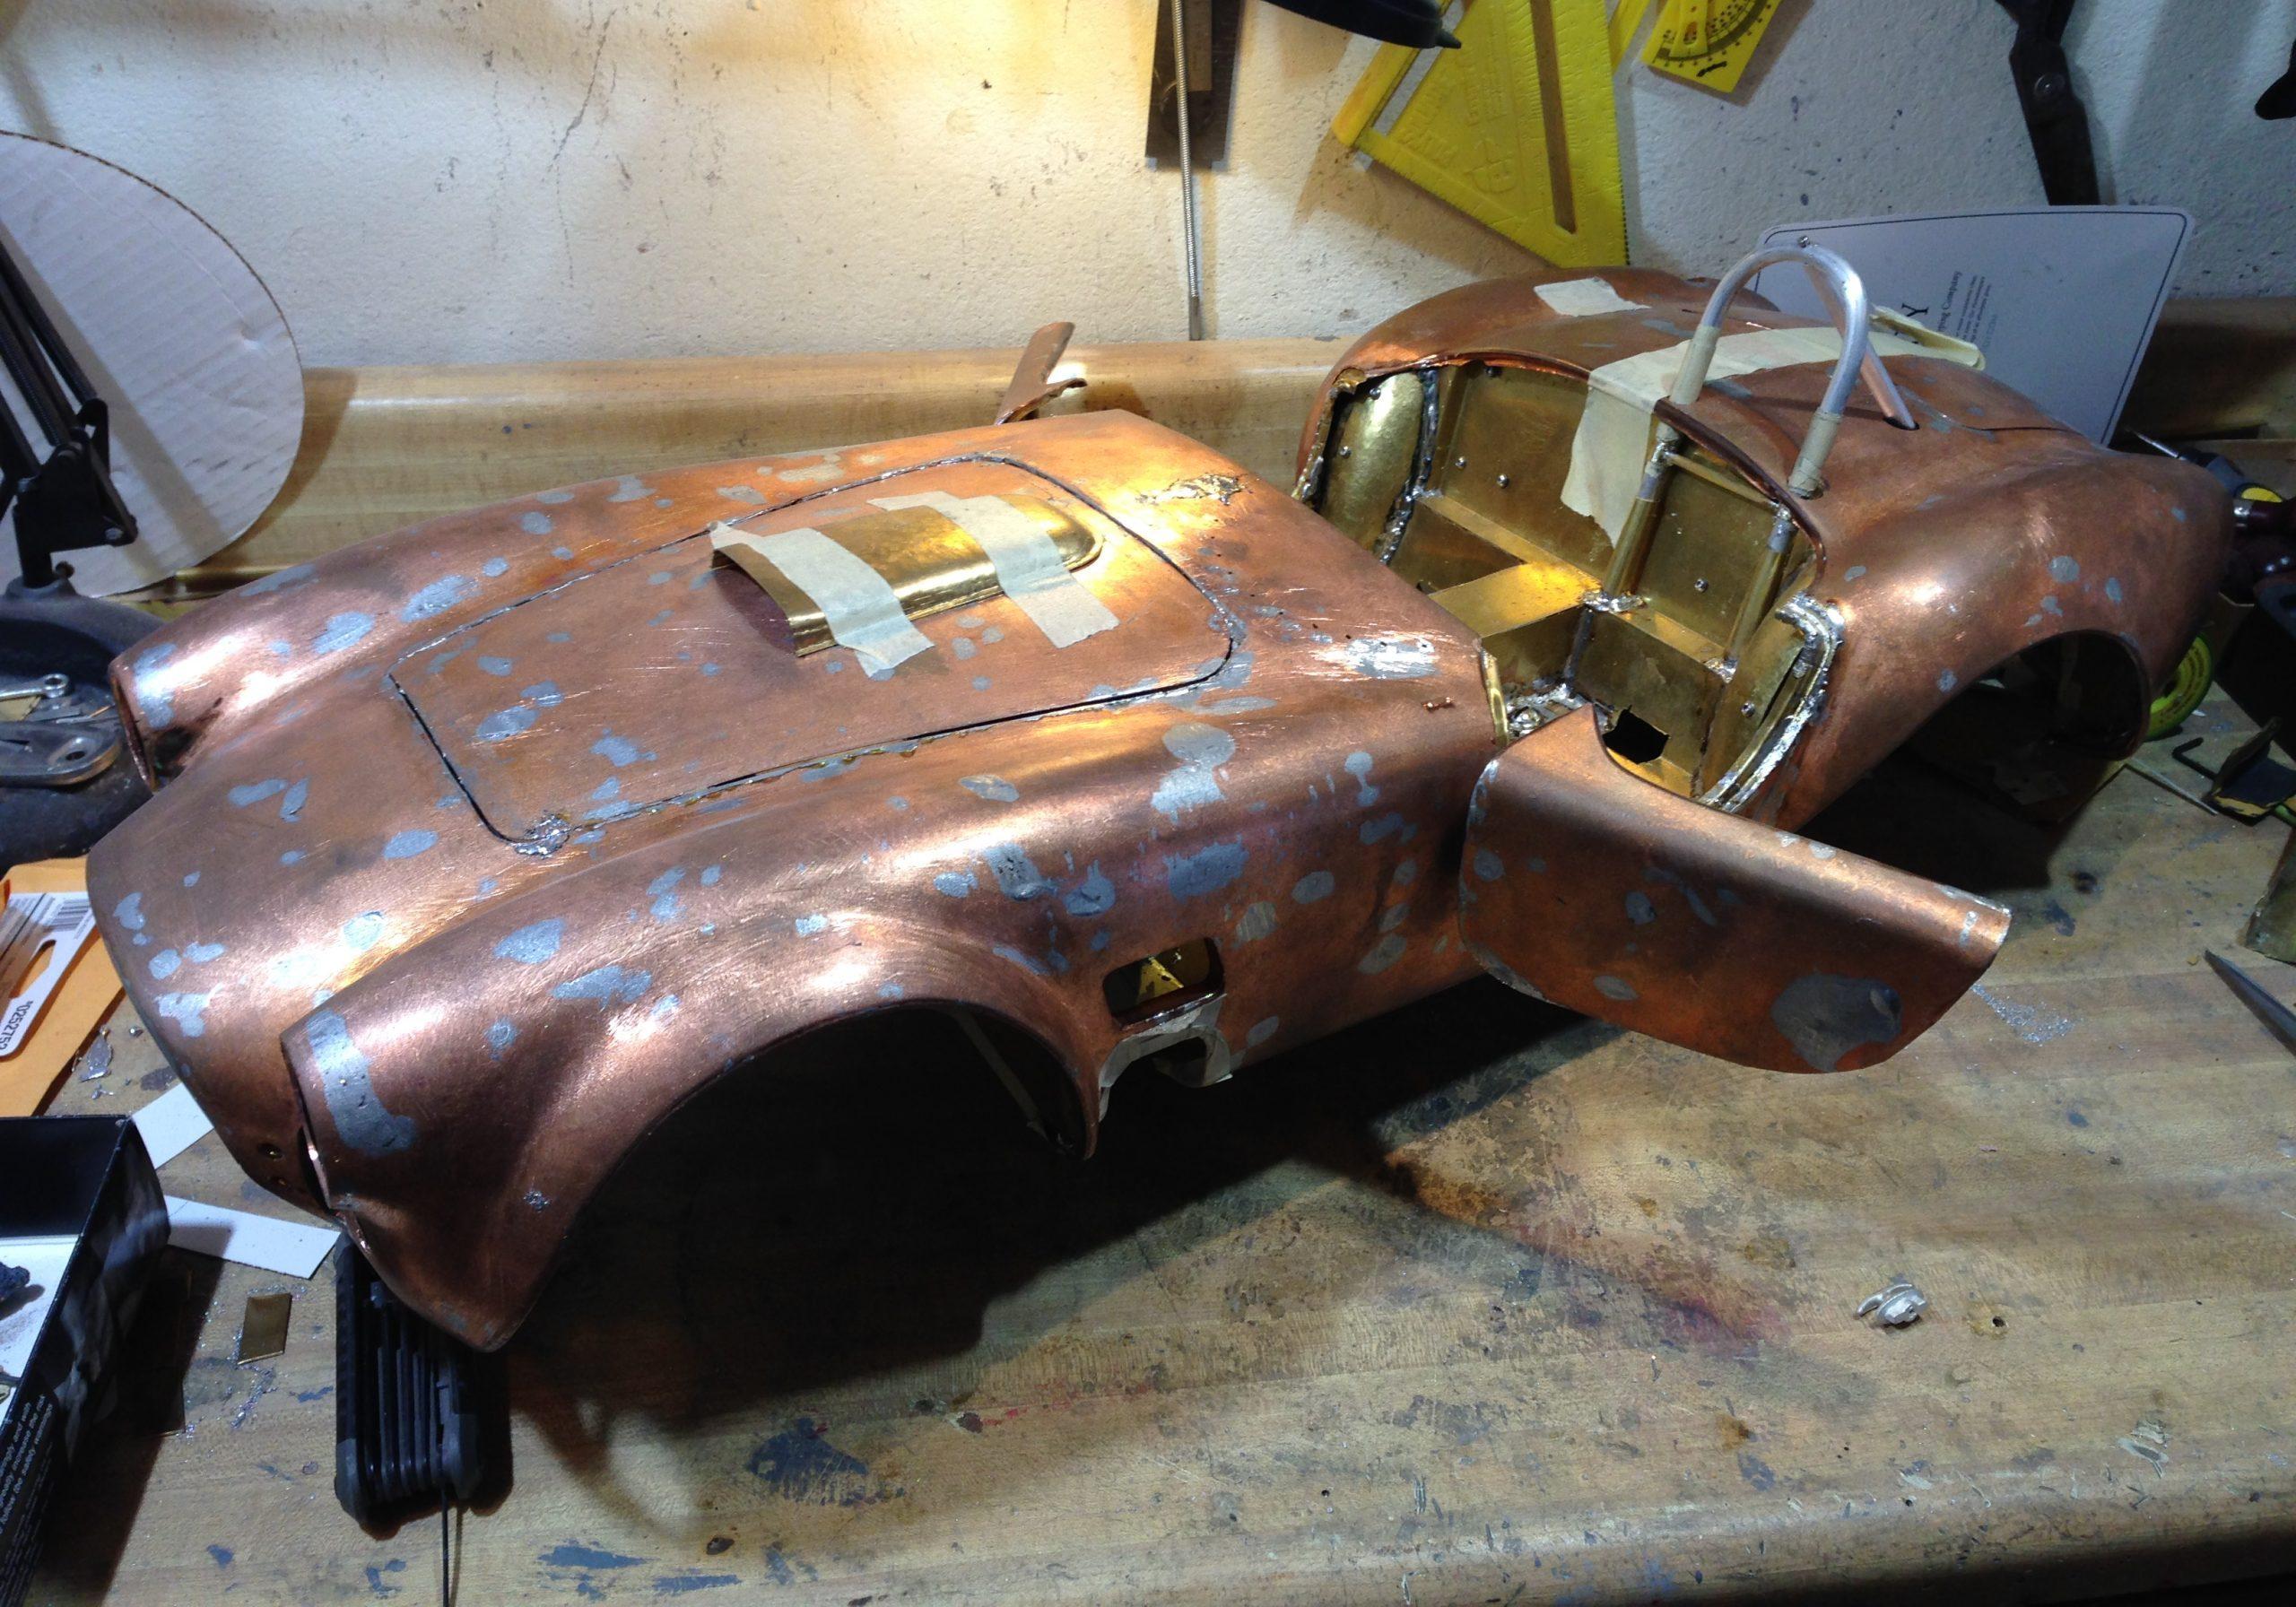 Essex Cobra scale model copper body